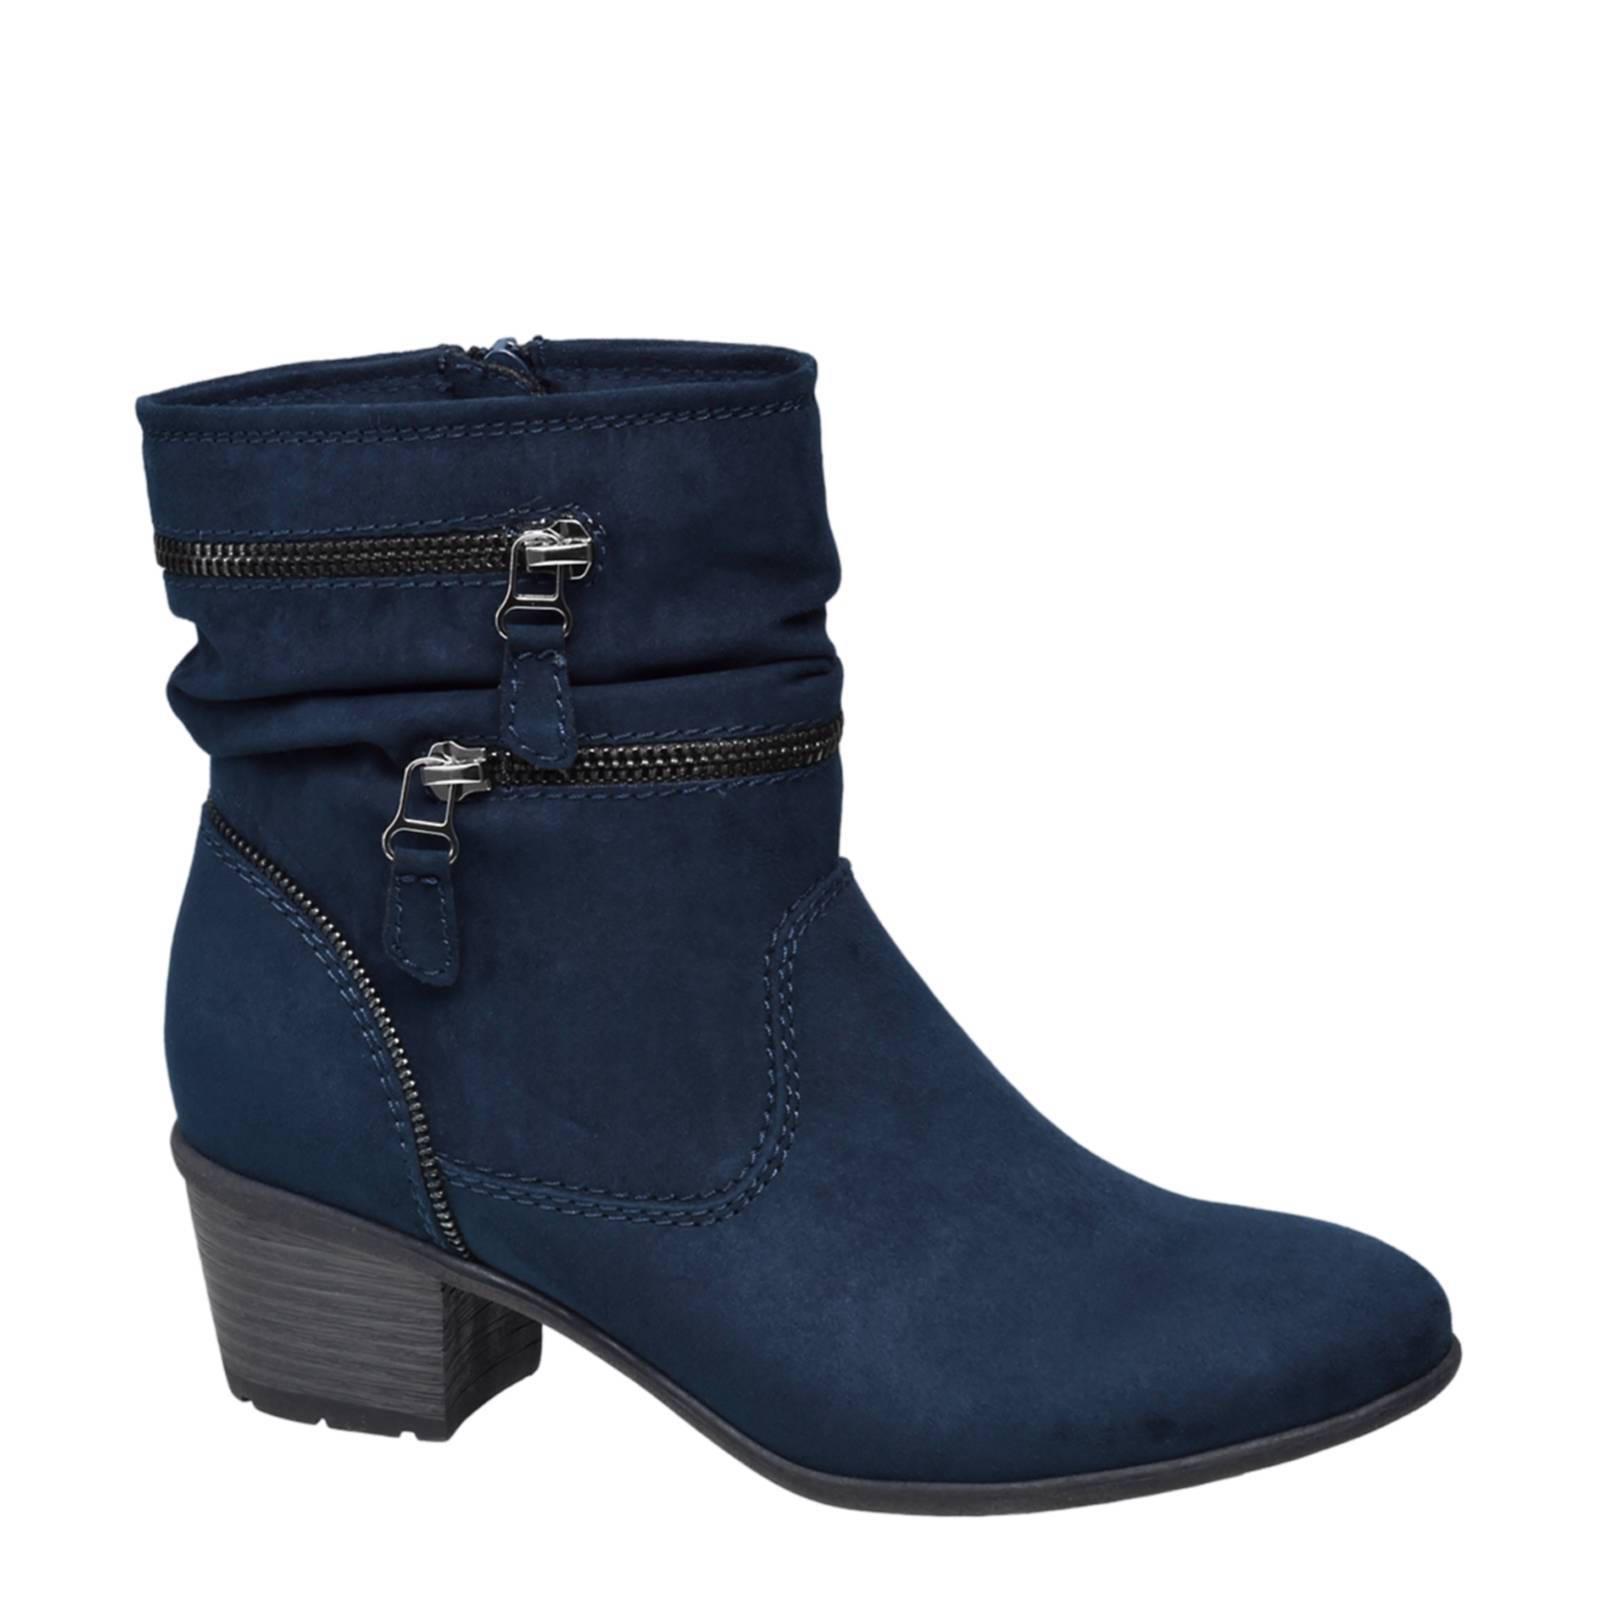 Chaussures Graceland Bleu Avec Fermeture Éclair Pour Les Femmes v7vwMki9xS